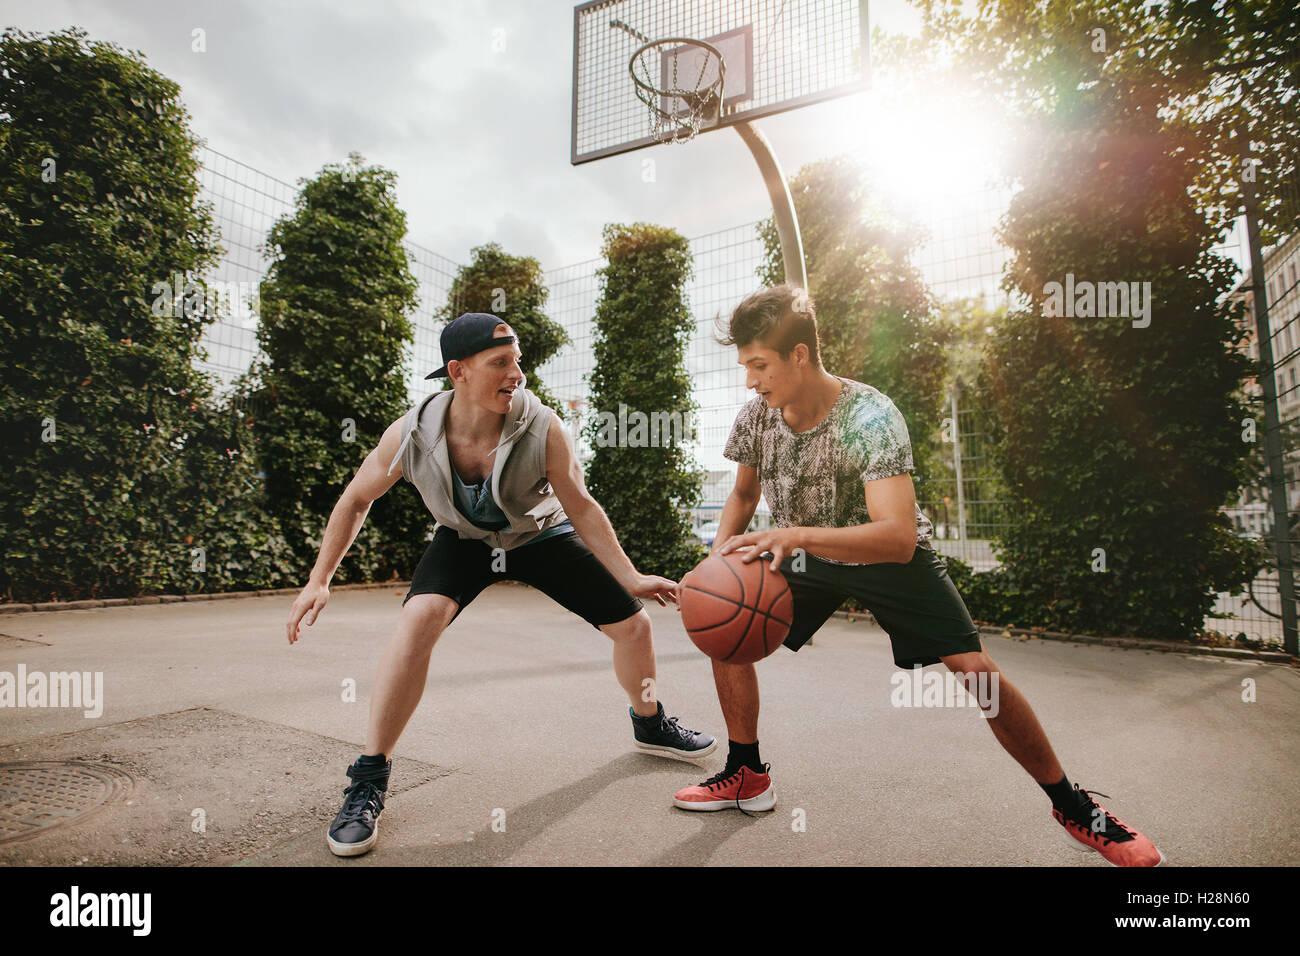 Amis adolescents jouer streetball les uns contre les autres et s'amuser. Deux jeunes hommes ayant un match de basket-ball extérieur sur cour Banque D'Images